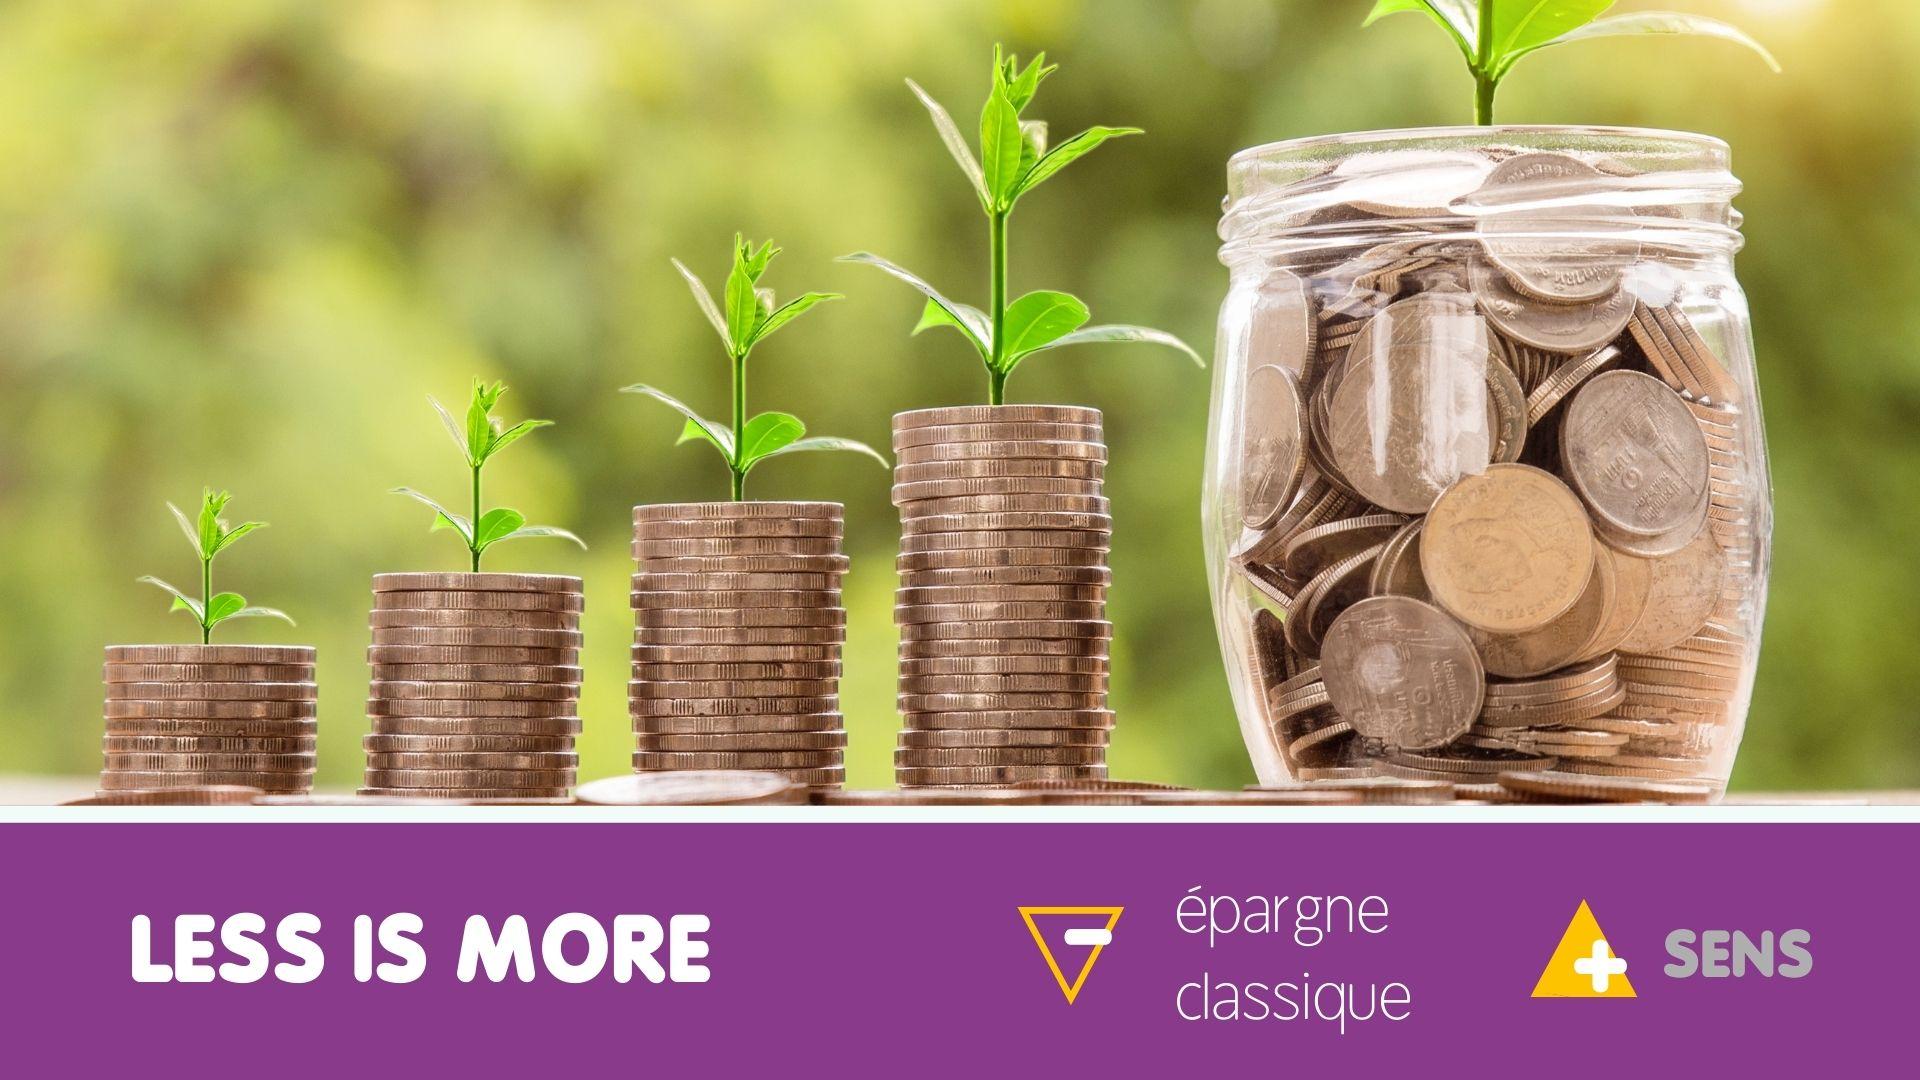 Webinaire moins d'épargne classique pour plus de sens